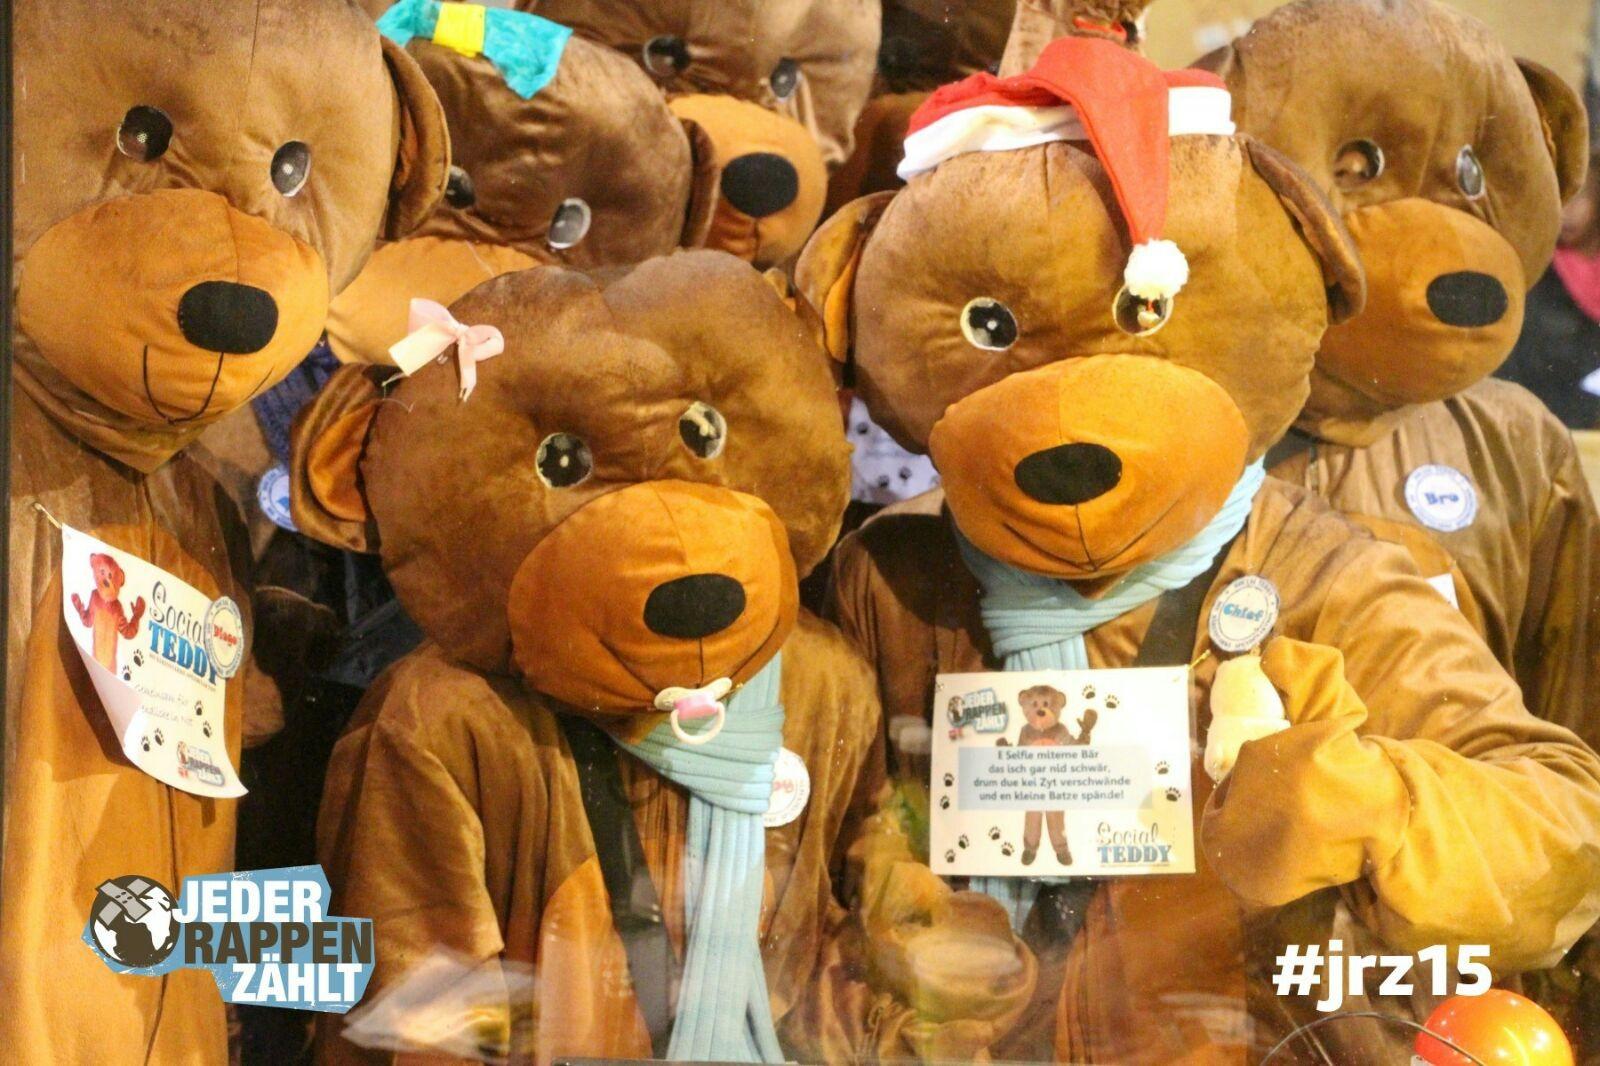 Gruppenfoto beim JRZ-Spendenschlitz